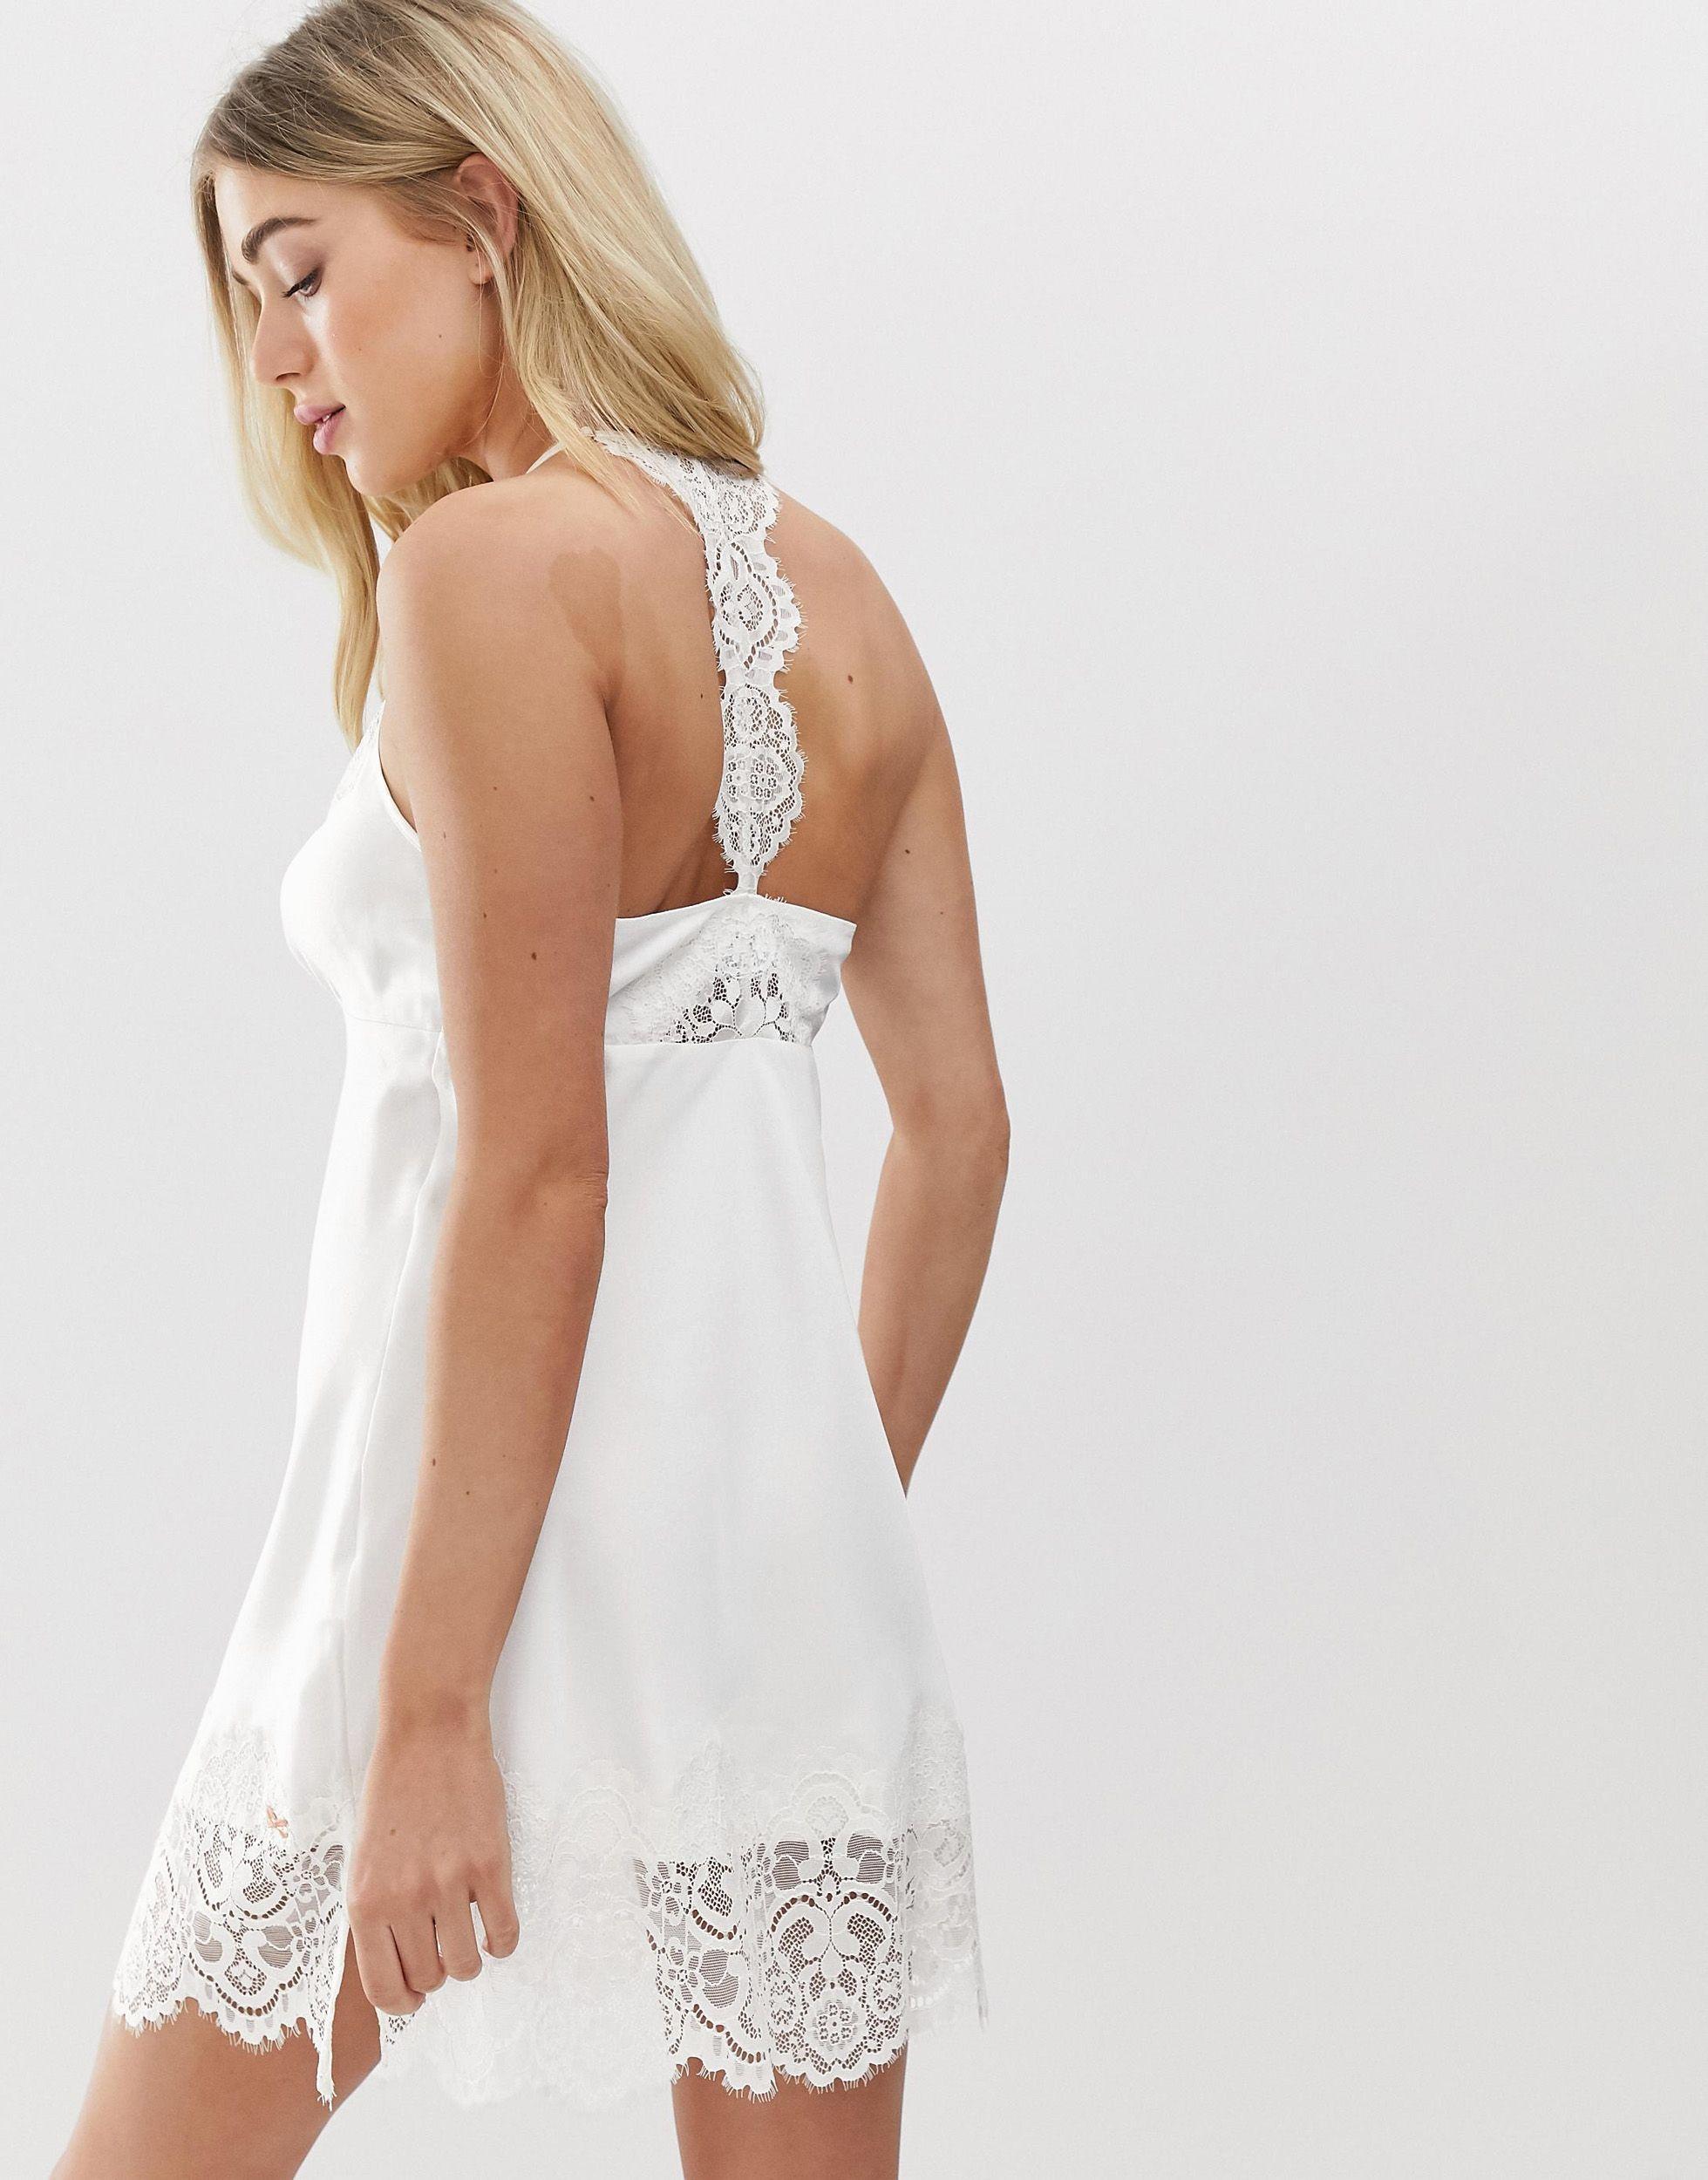 B By - Tie The Knot - Nuisette pour mariée - Ivoire Synthétique Ted Baker en coloris Blanc